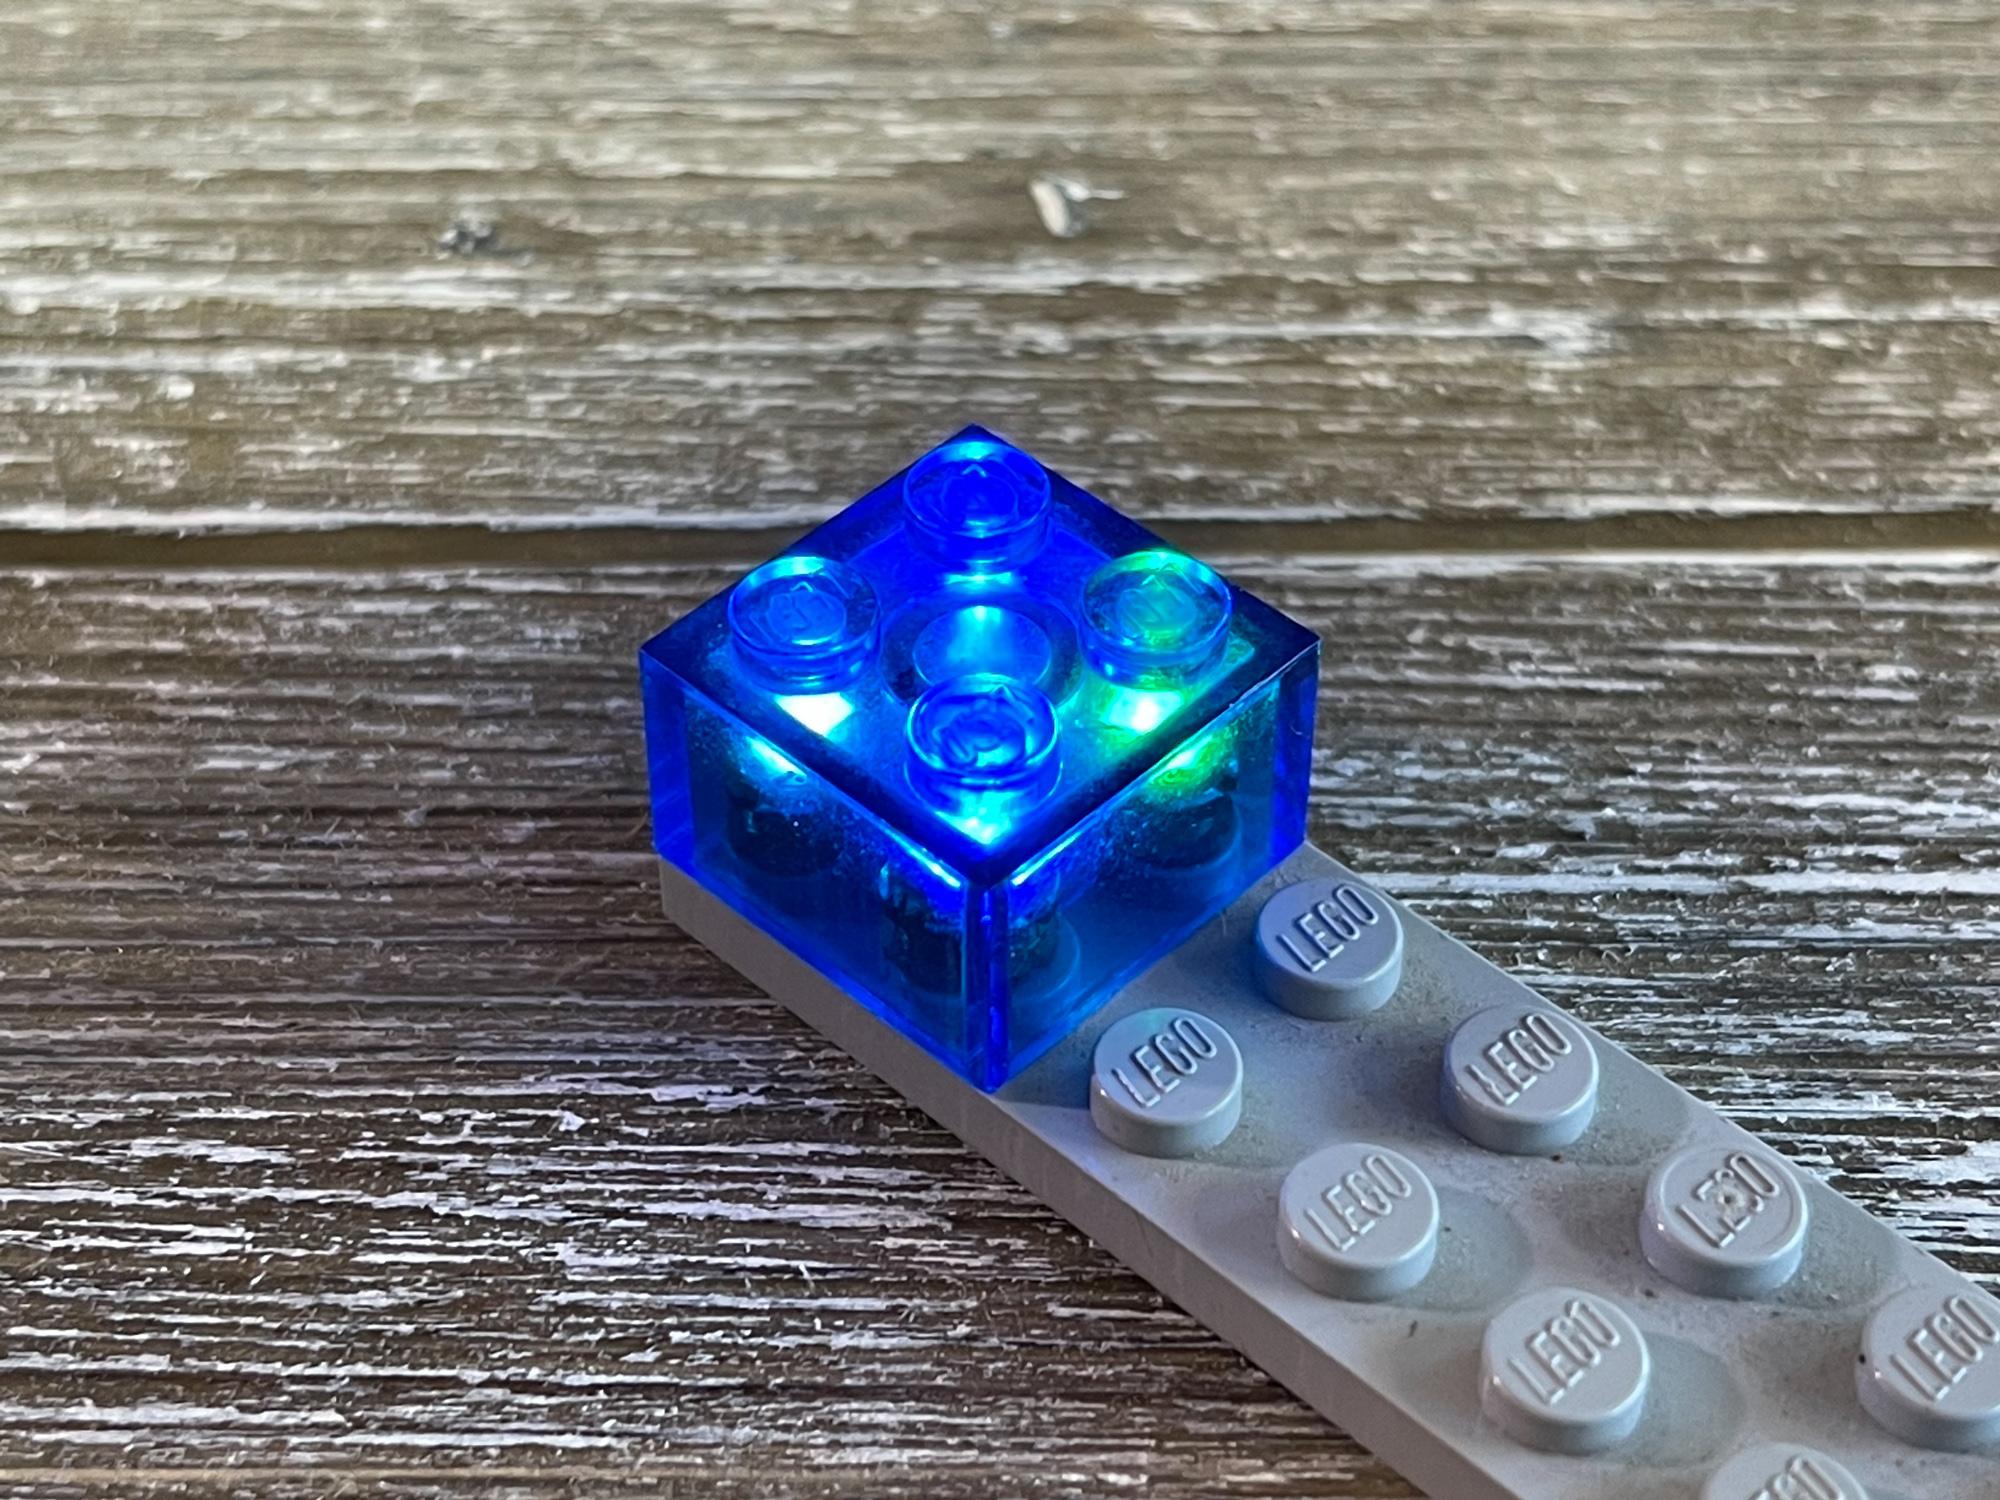 components_LEDLEGO-3200.jpg